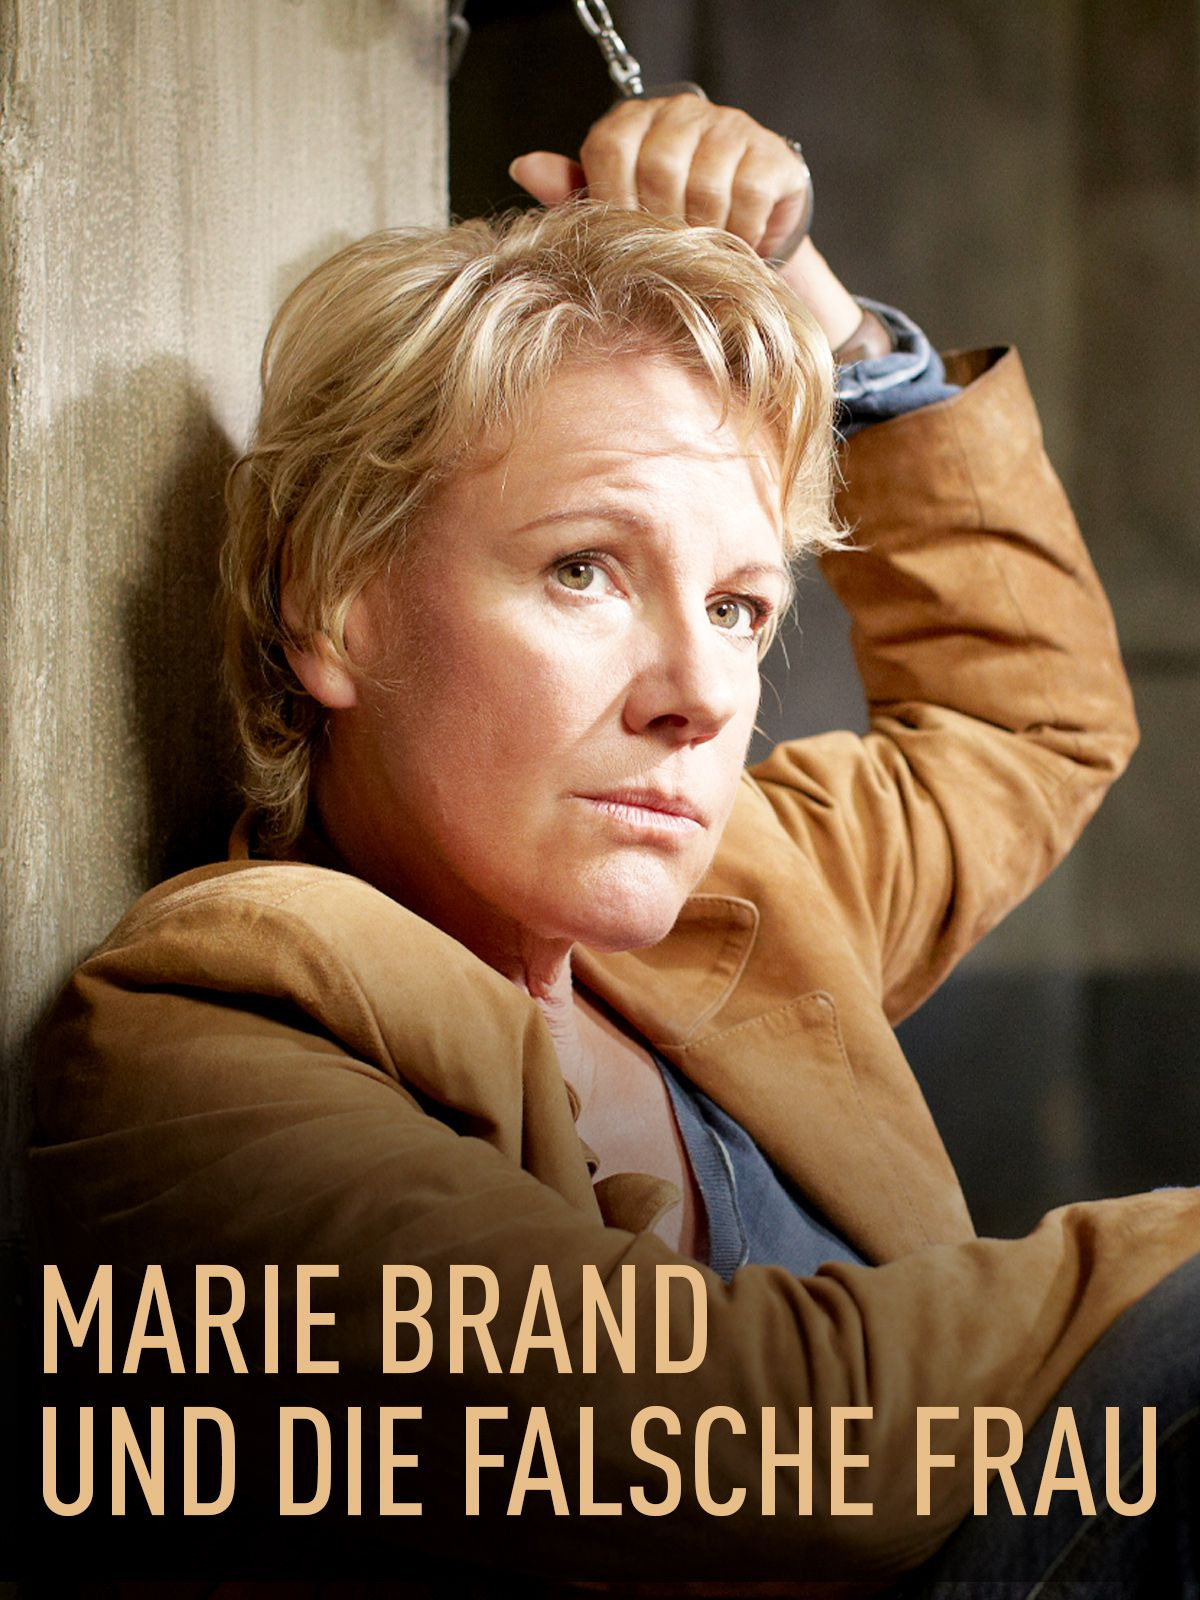 Marie Brand und die falsche Frau